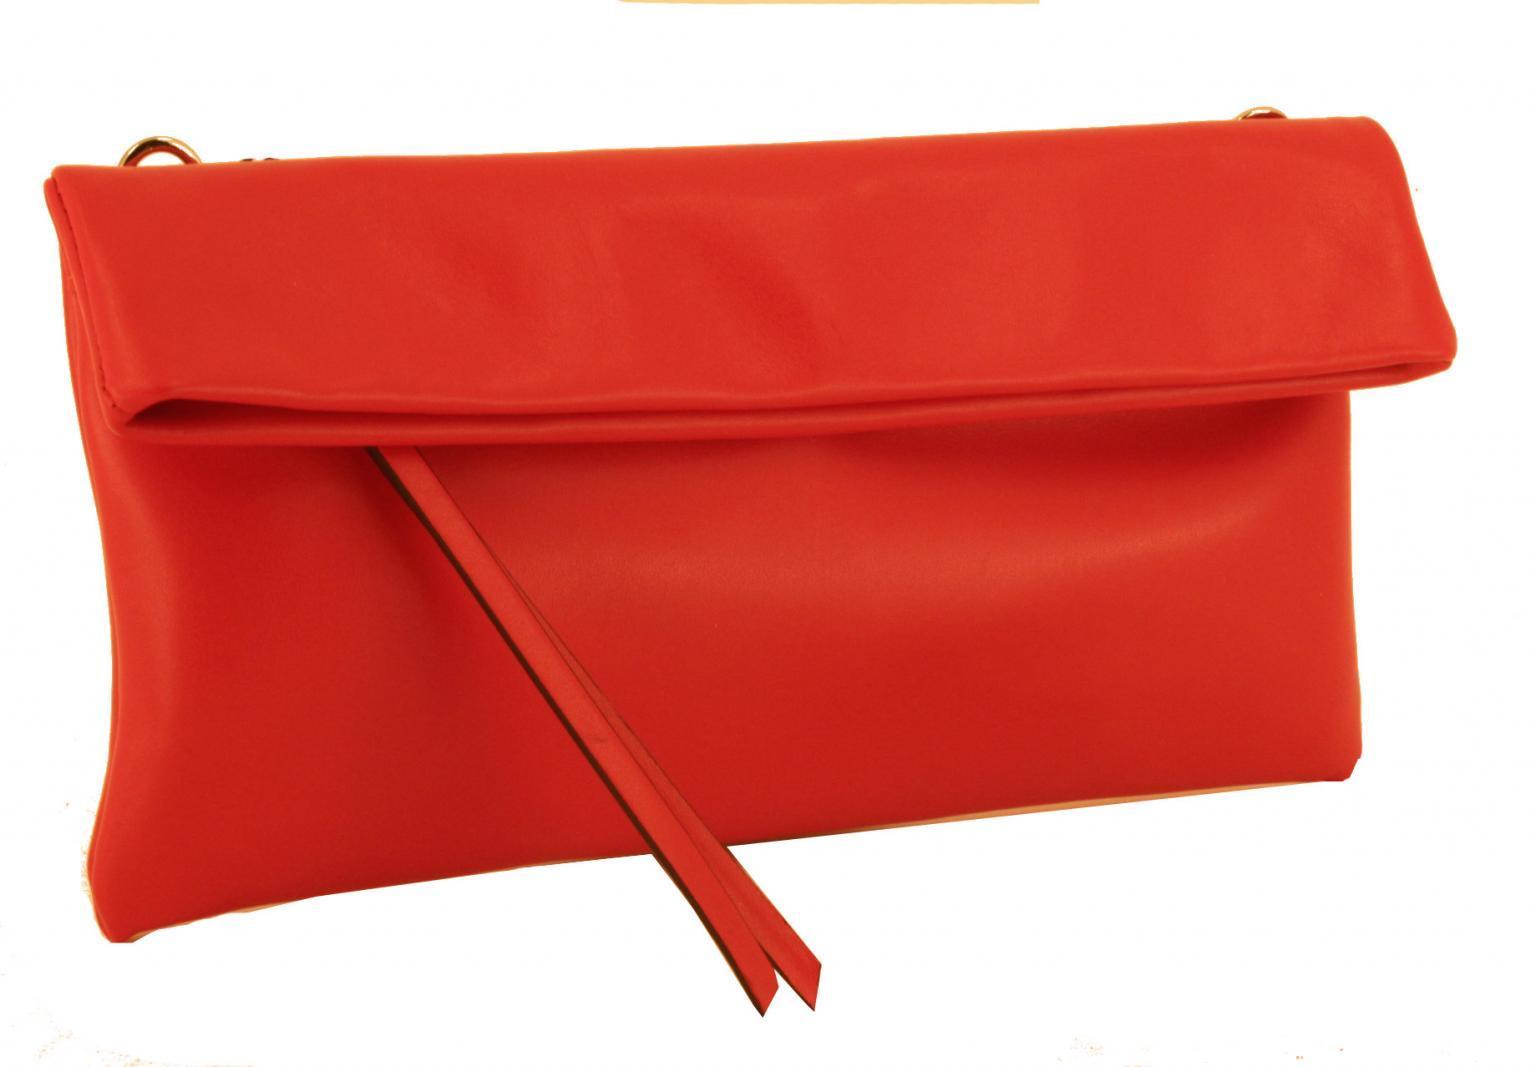 Gianni Chiarini Clutch Umhängetasche geklappt rosso rot